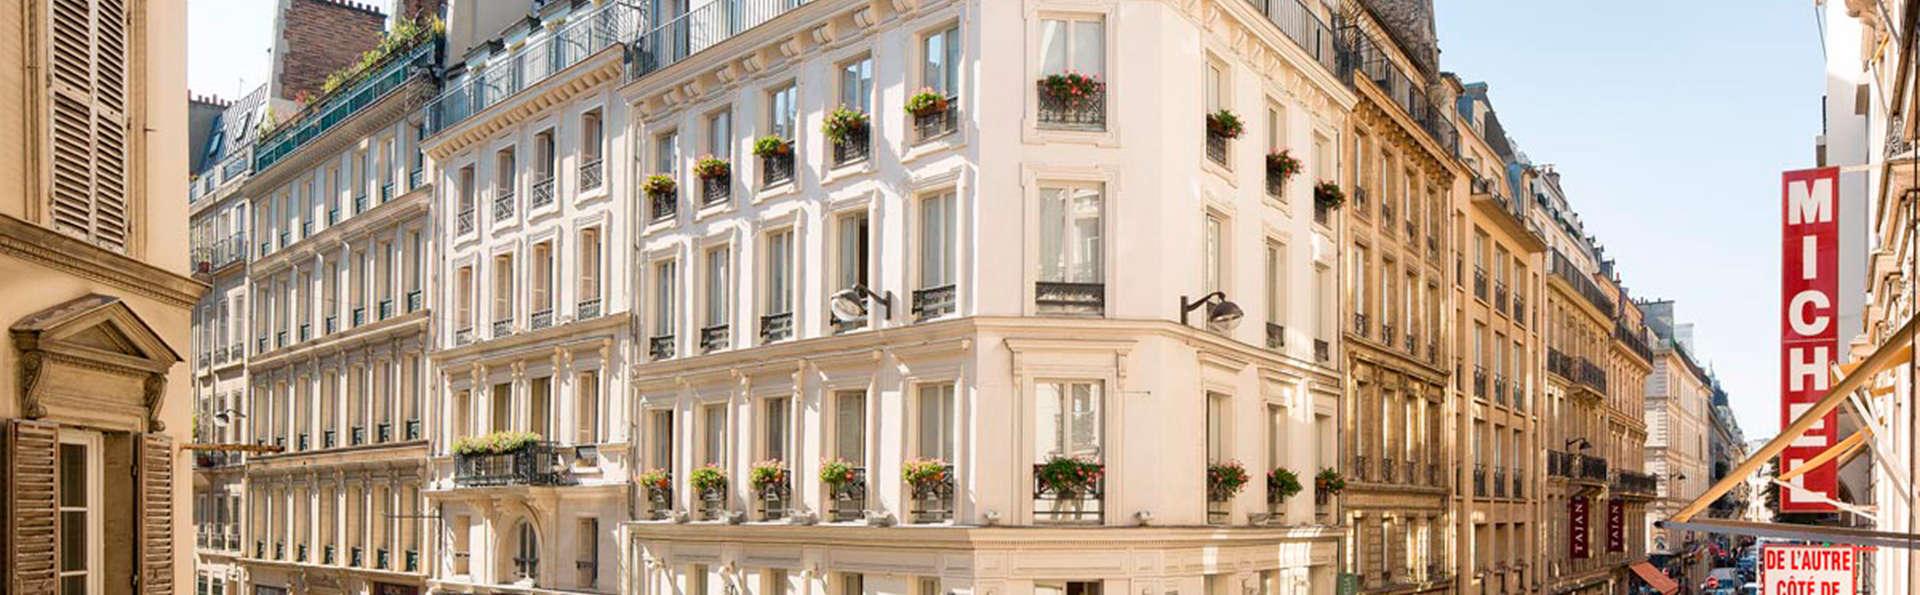 Hôtel Cordelia - EDIT_front.jpg